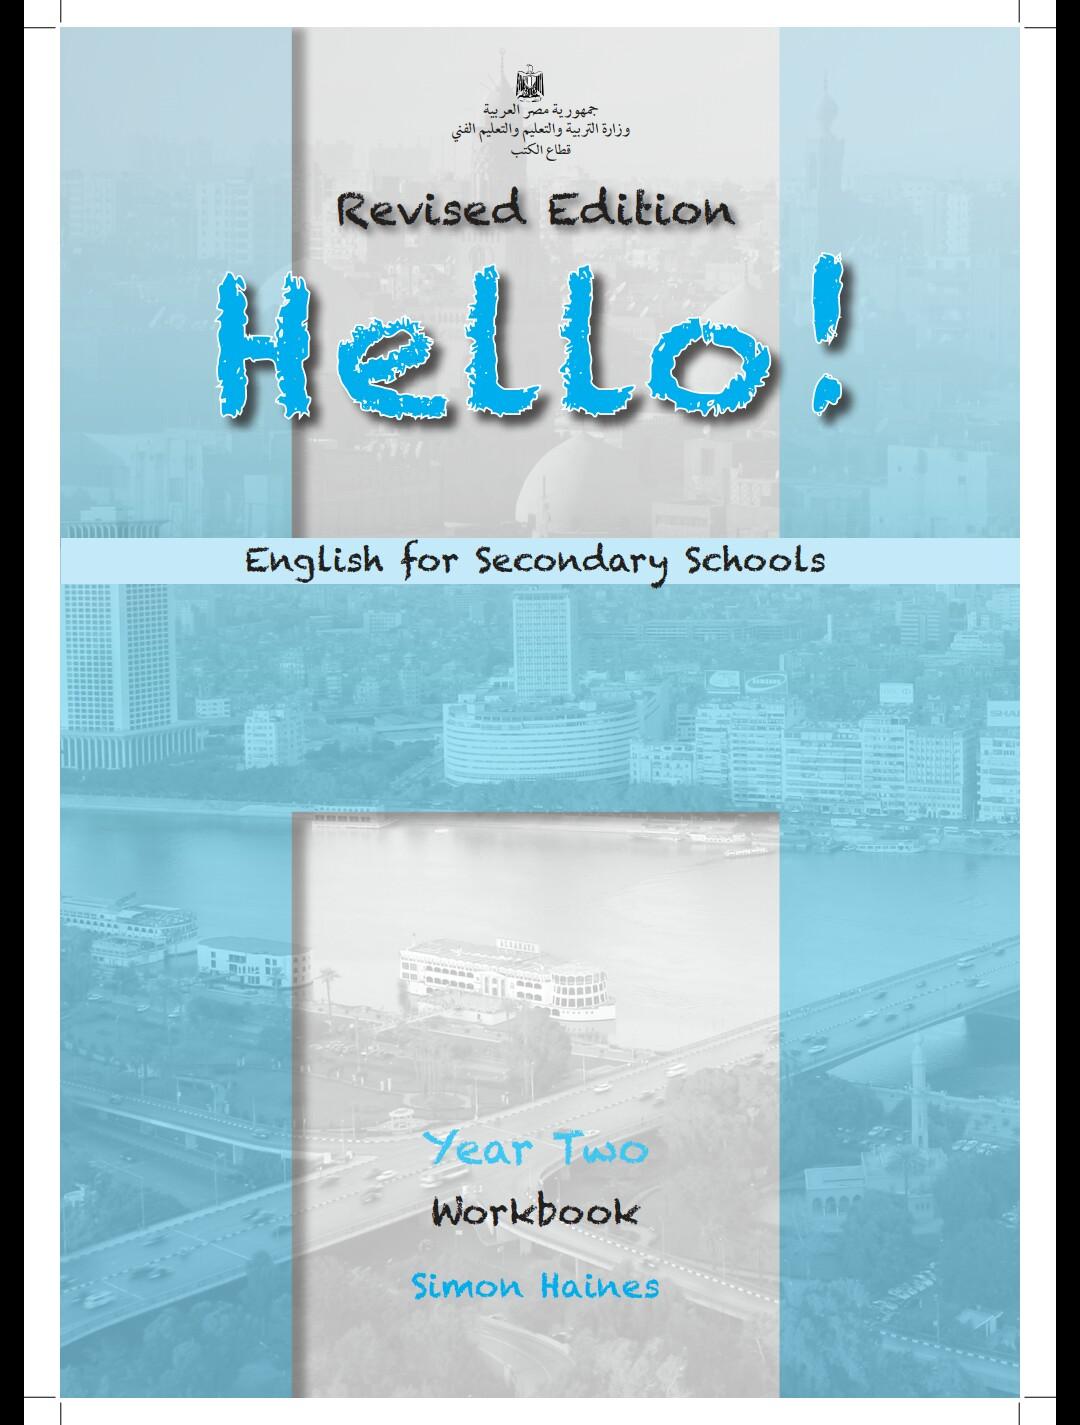 اجابات كتاب وورك بوك ، الصف الثاني الثانوي ، وإجابات امتحانات واسئله اللغة الإنجليزية